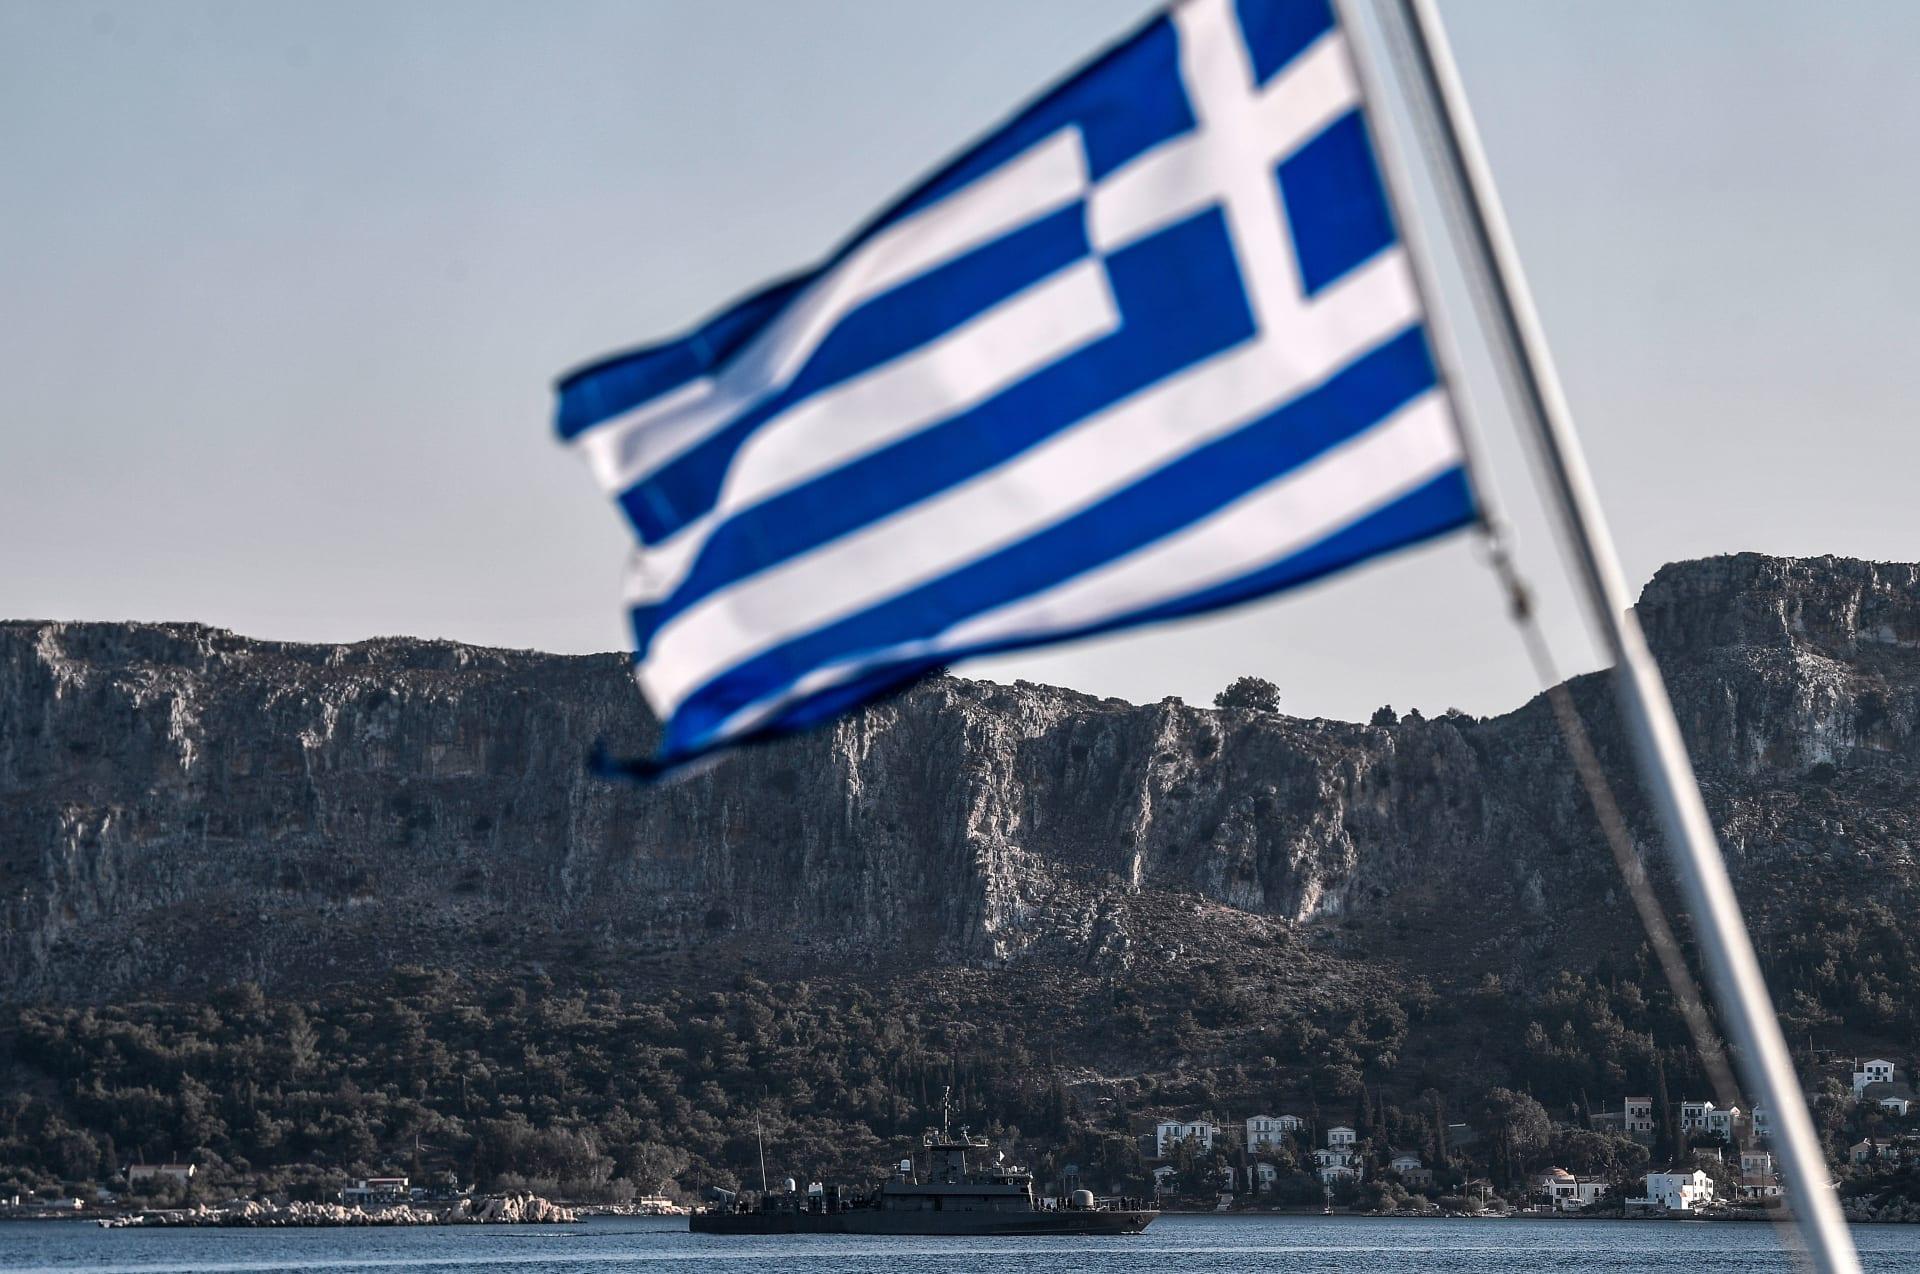 """نائب أردوغان عن """"رغبة اليونان بتوسيع مياهها الإقليمية 12 ميلا"""": إن لم يكن ذلك سببا للحرب فماذا سيكون؟"""